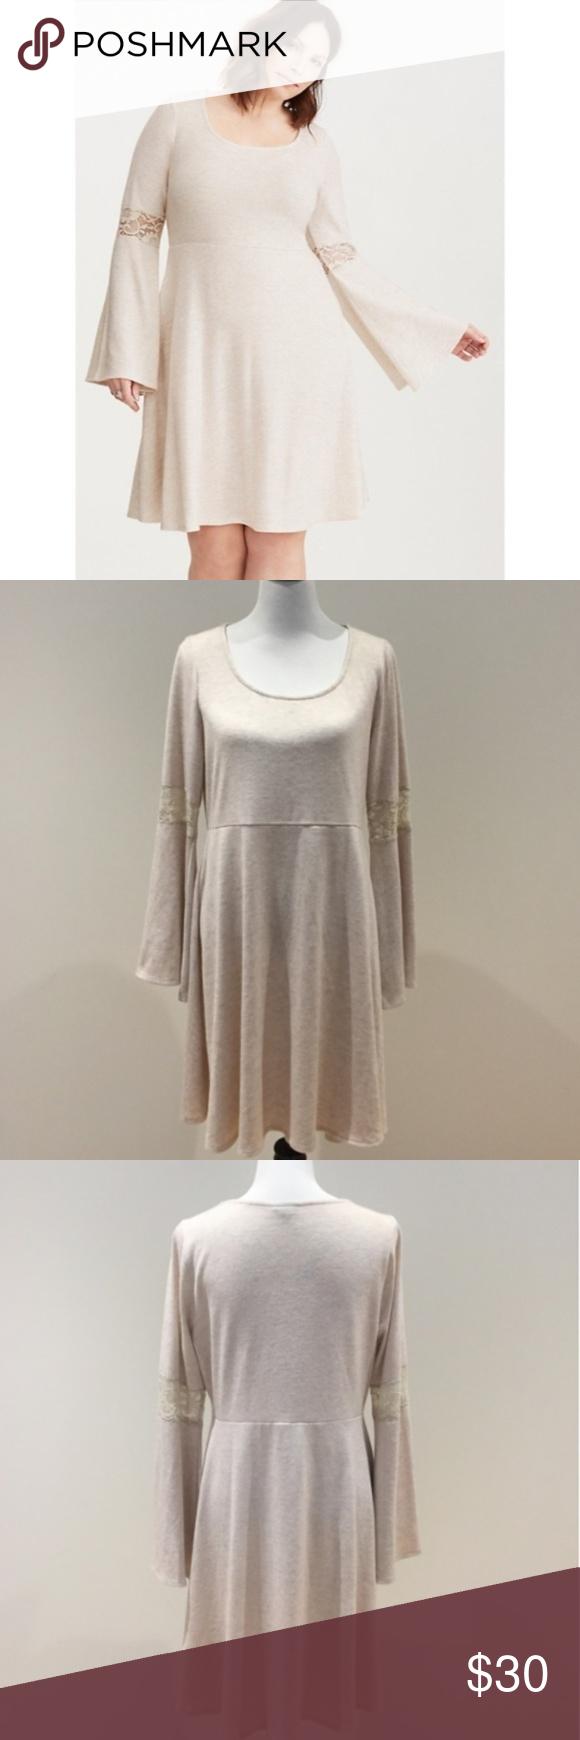 Torrid Bell Sleeve Sweater Dress Knit skater dress